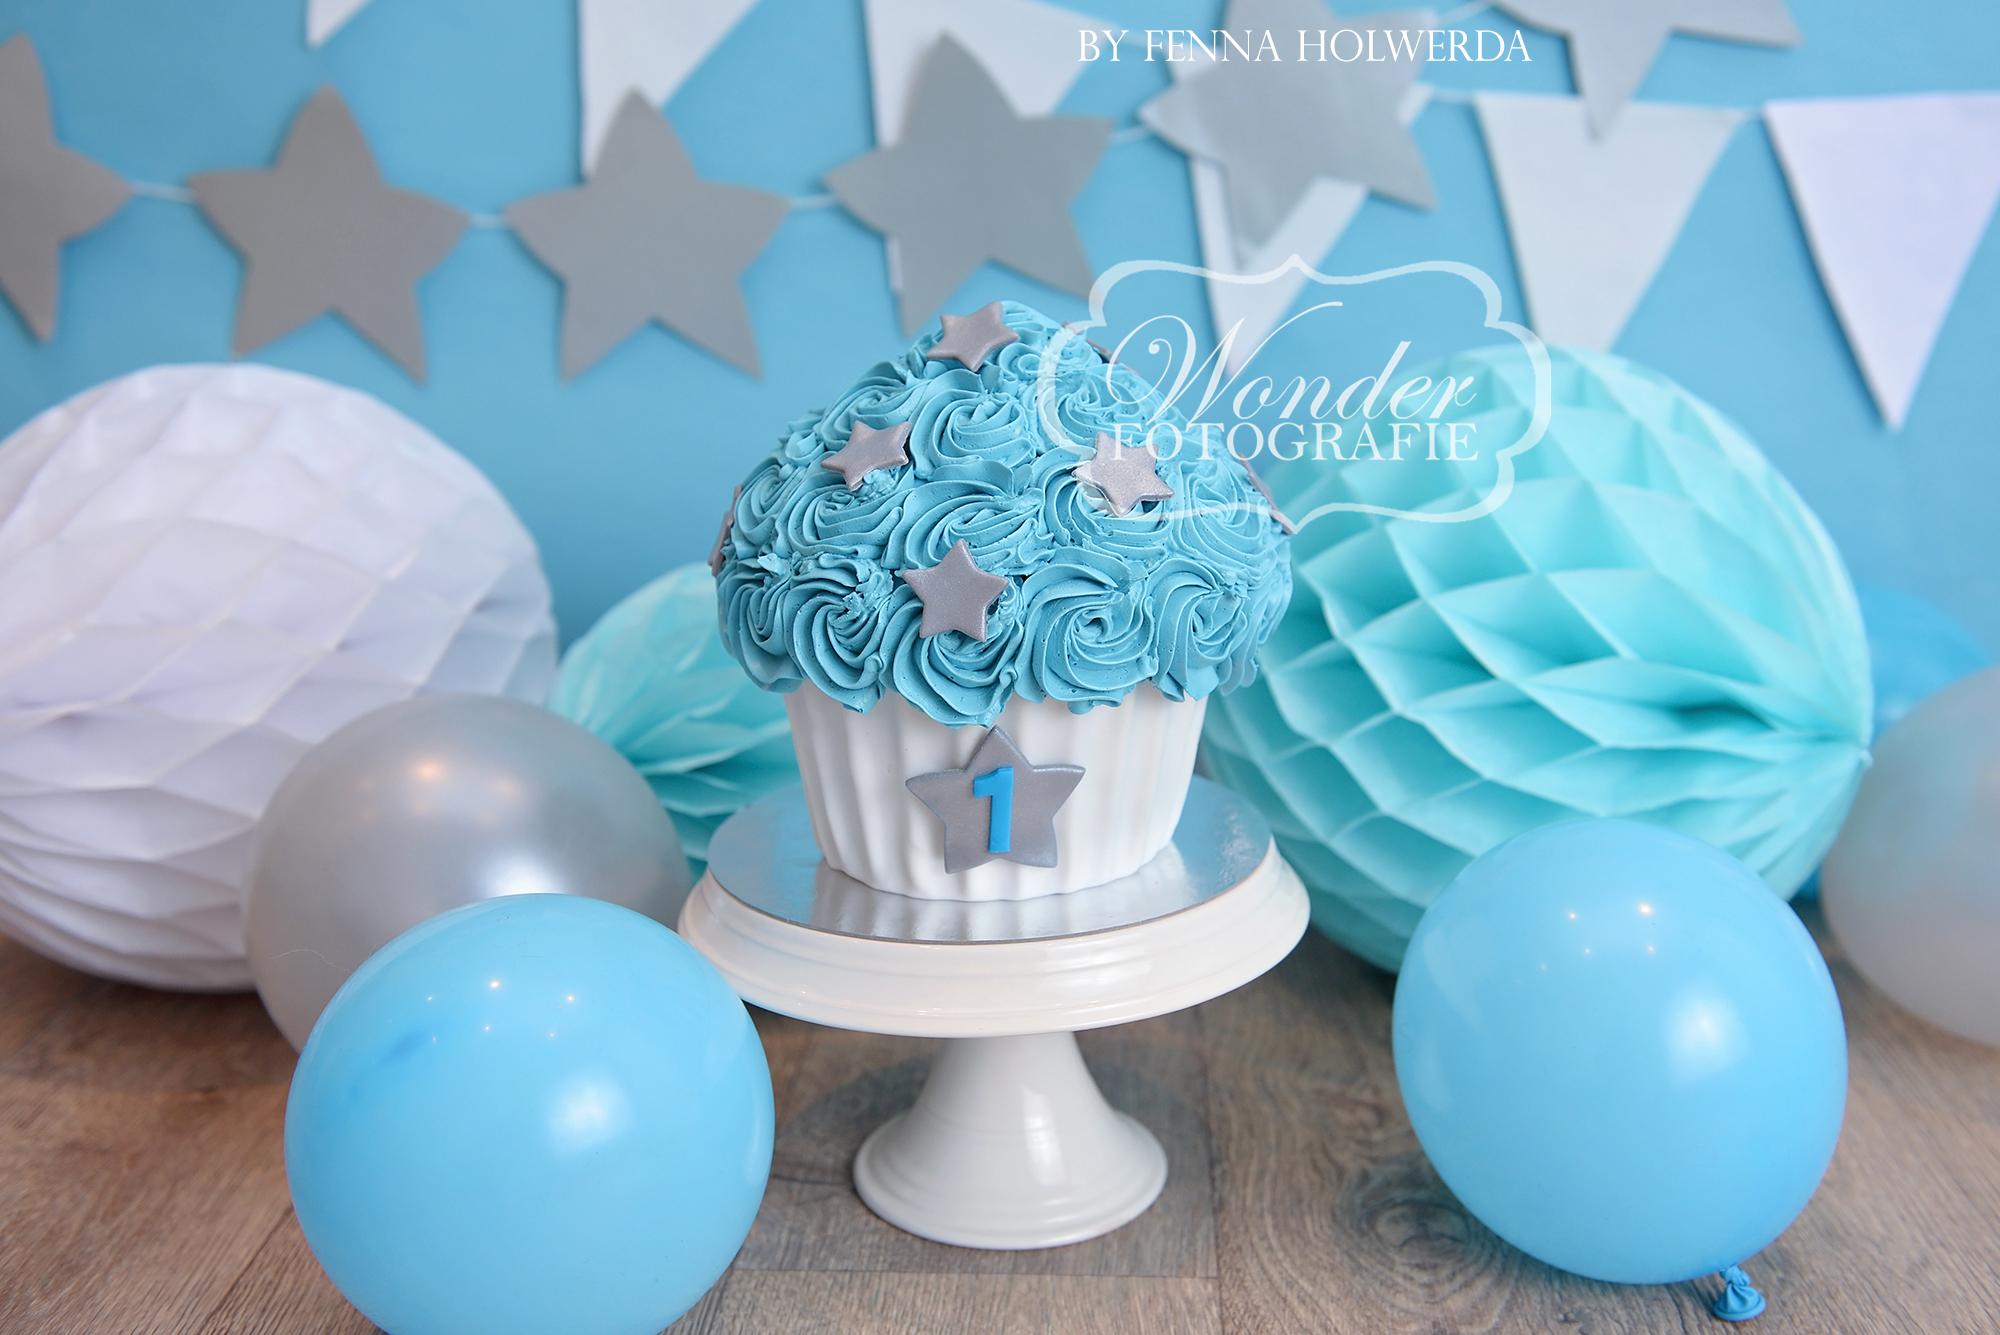 Cake smash fotoshoot taart giant cupcake thema inspiratie jongen meisje14